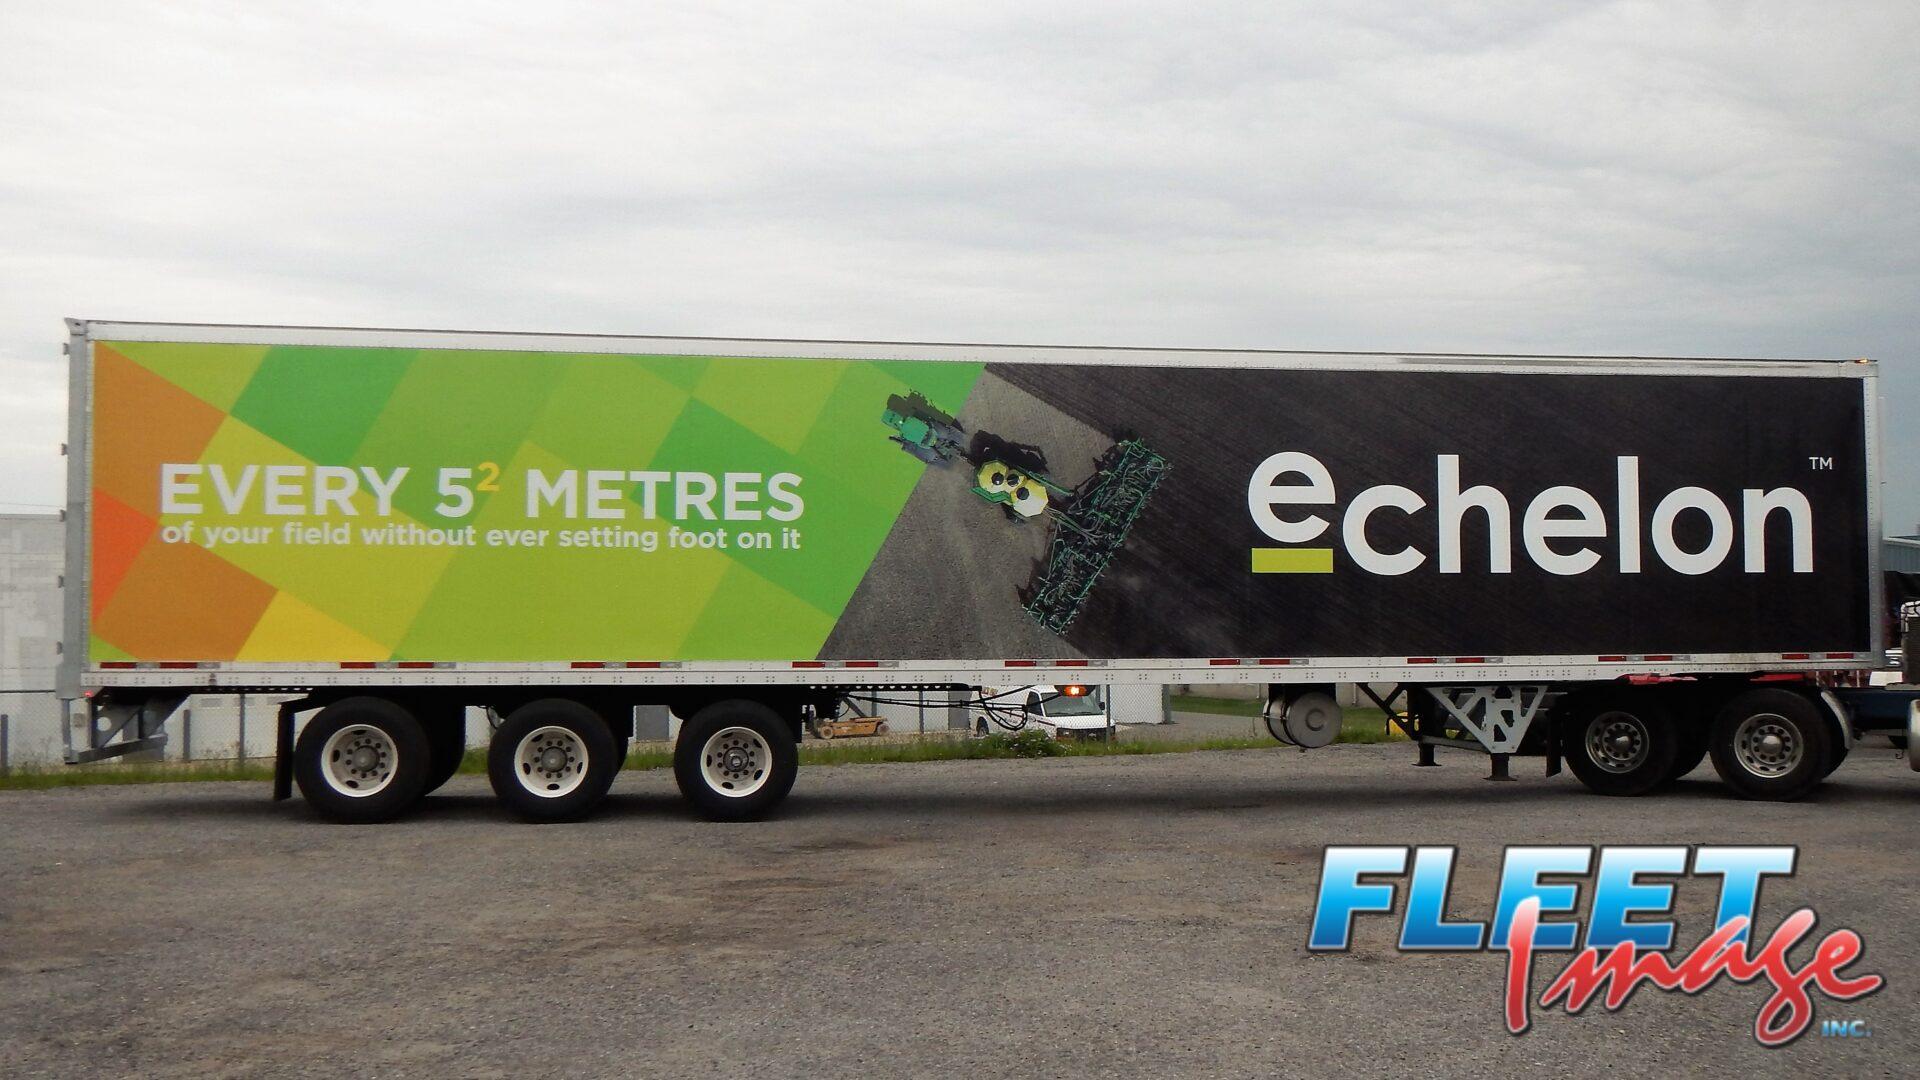 echelon decal sticker on a truck